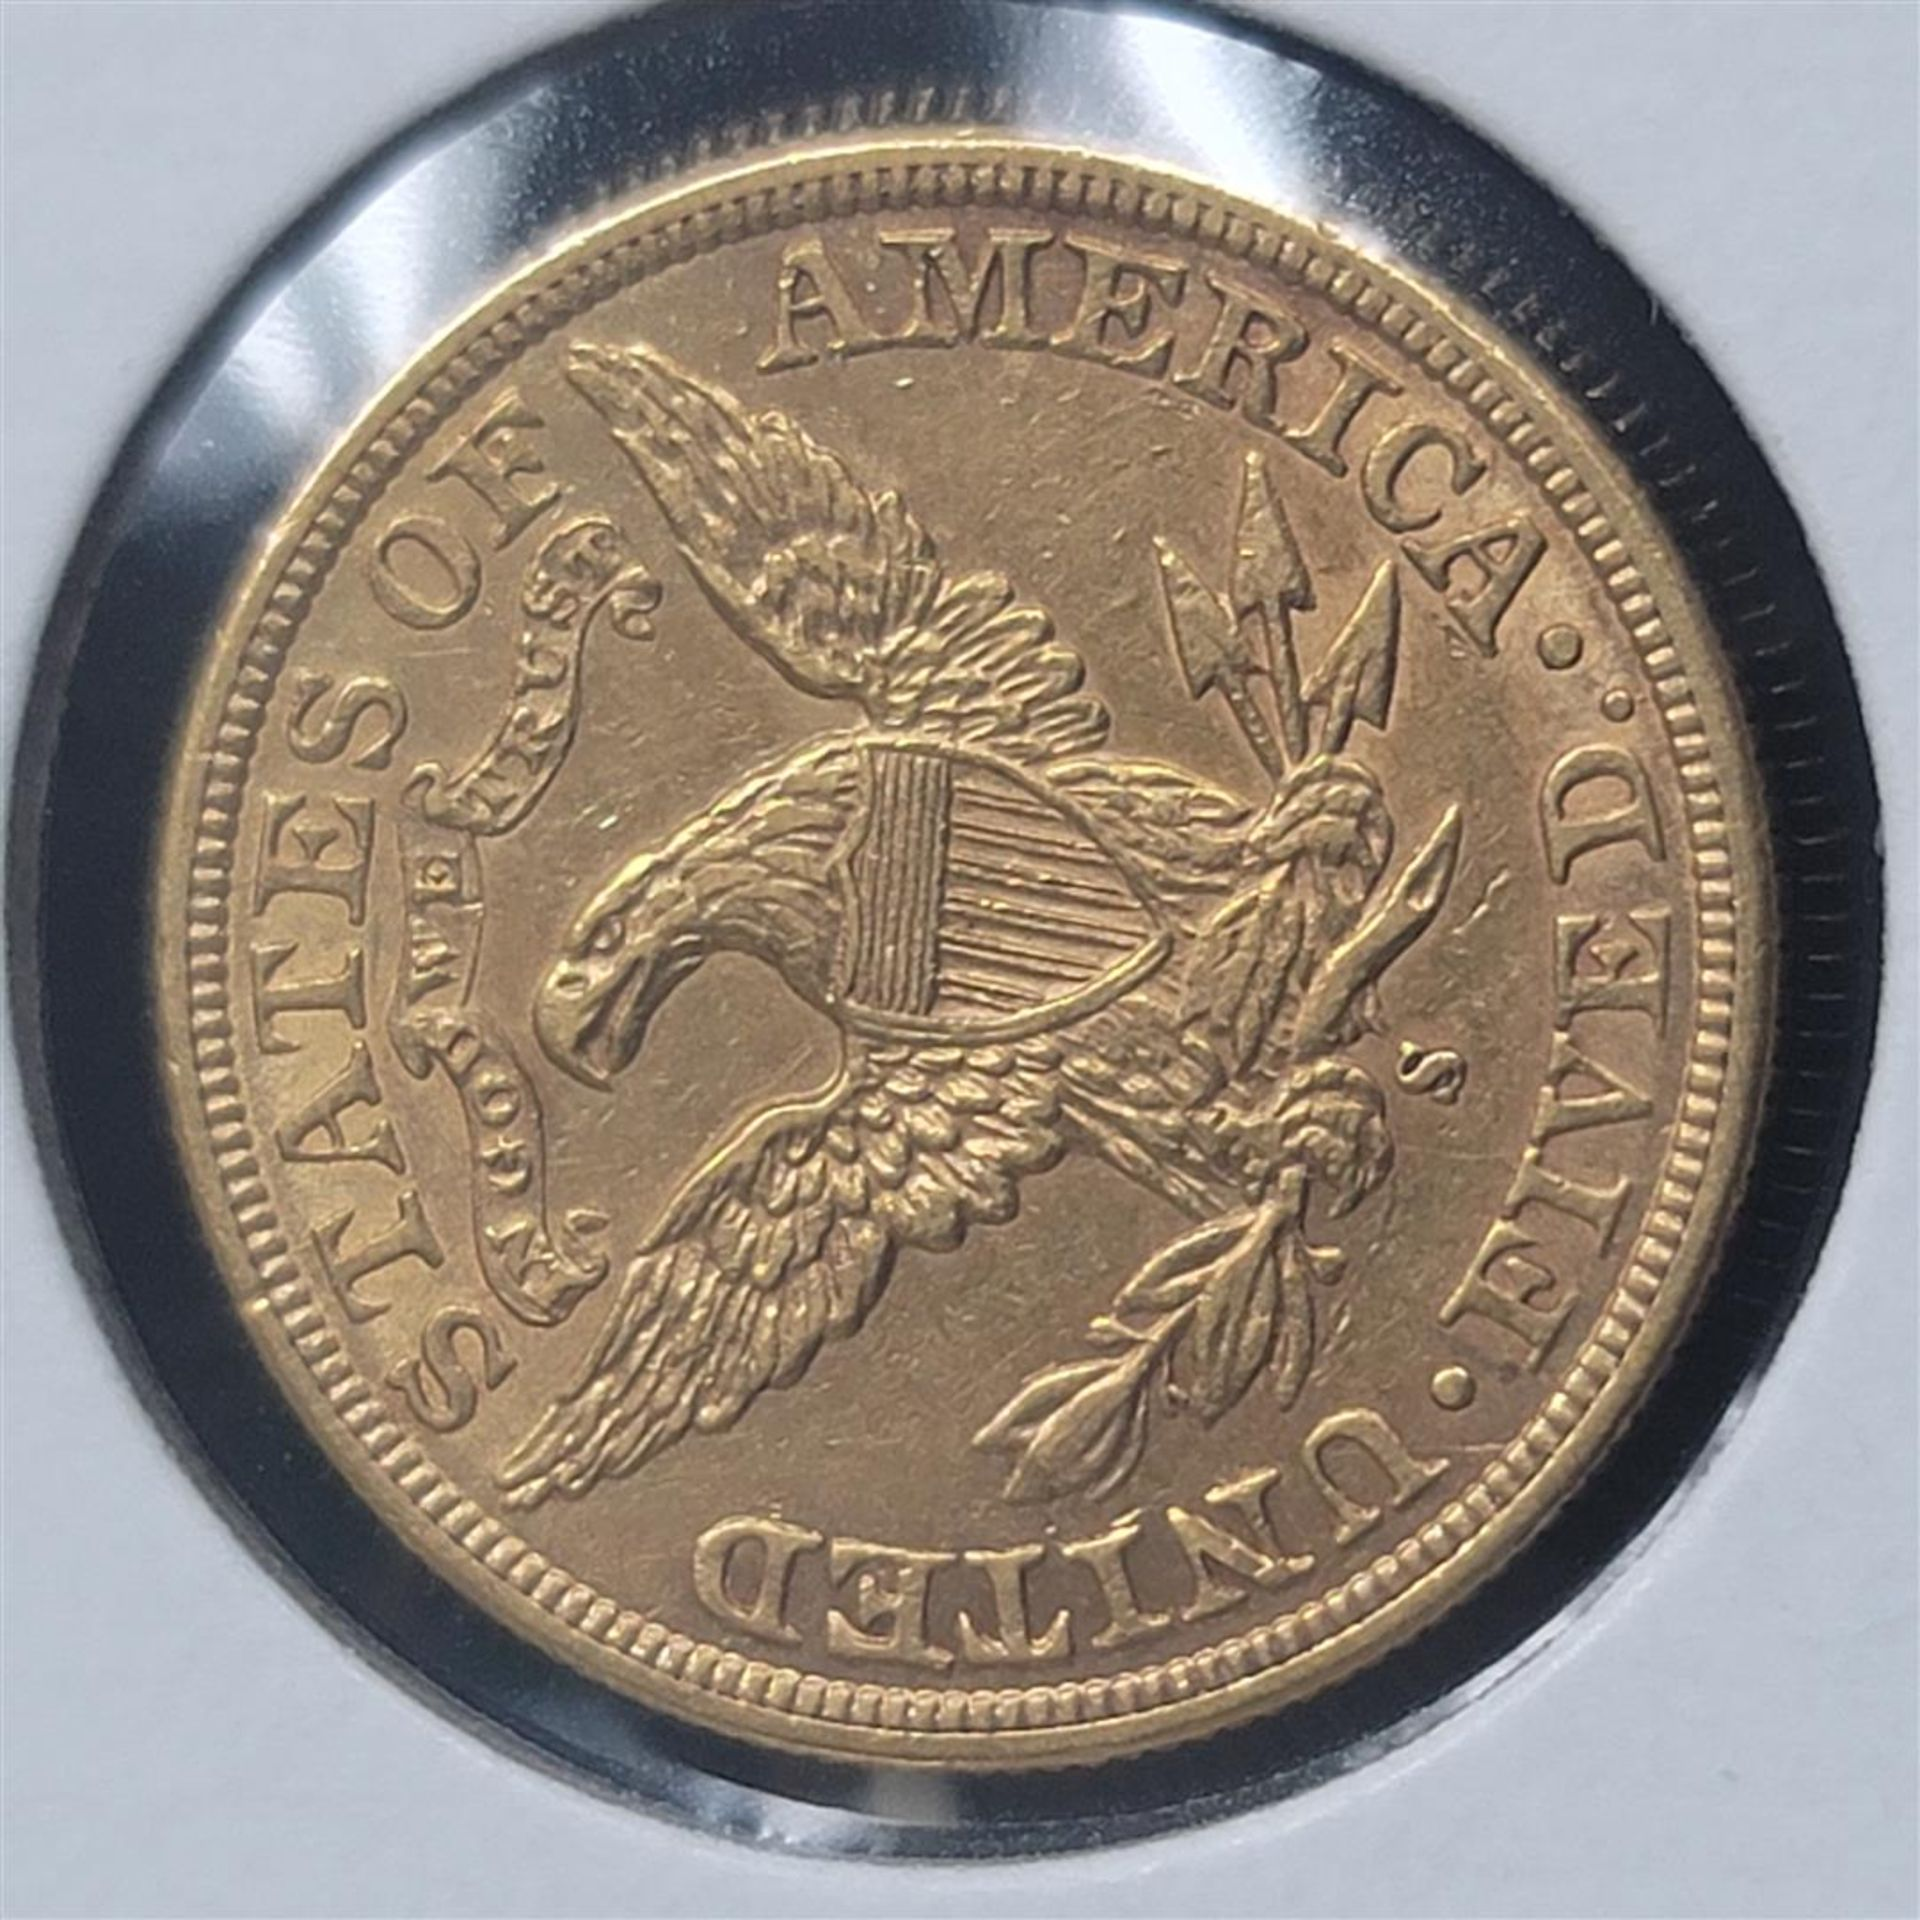 1898-S $5 Liberty Head Half Eagle AU - Image 4 of 4